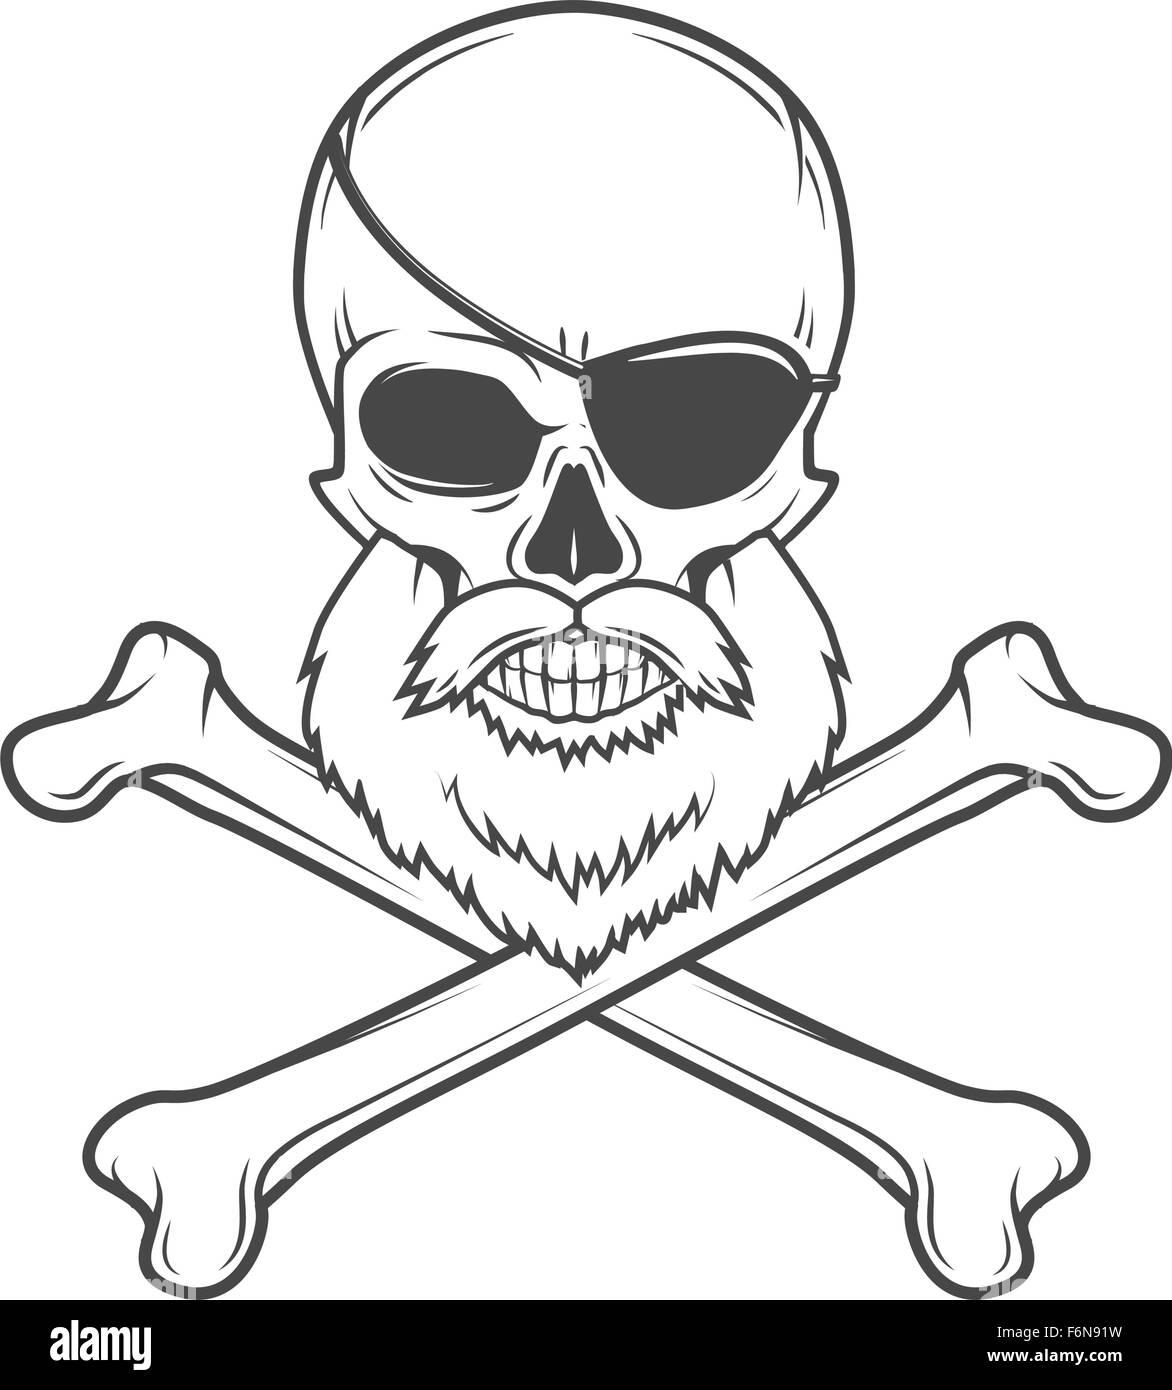 Cráneo con barba de pirata, parche en el ojo y huesos cruzados ...